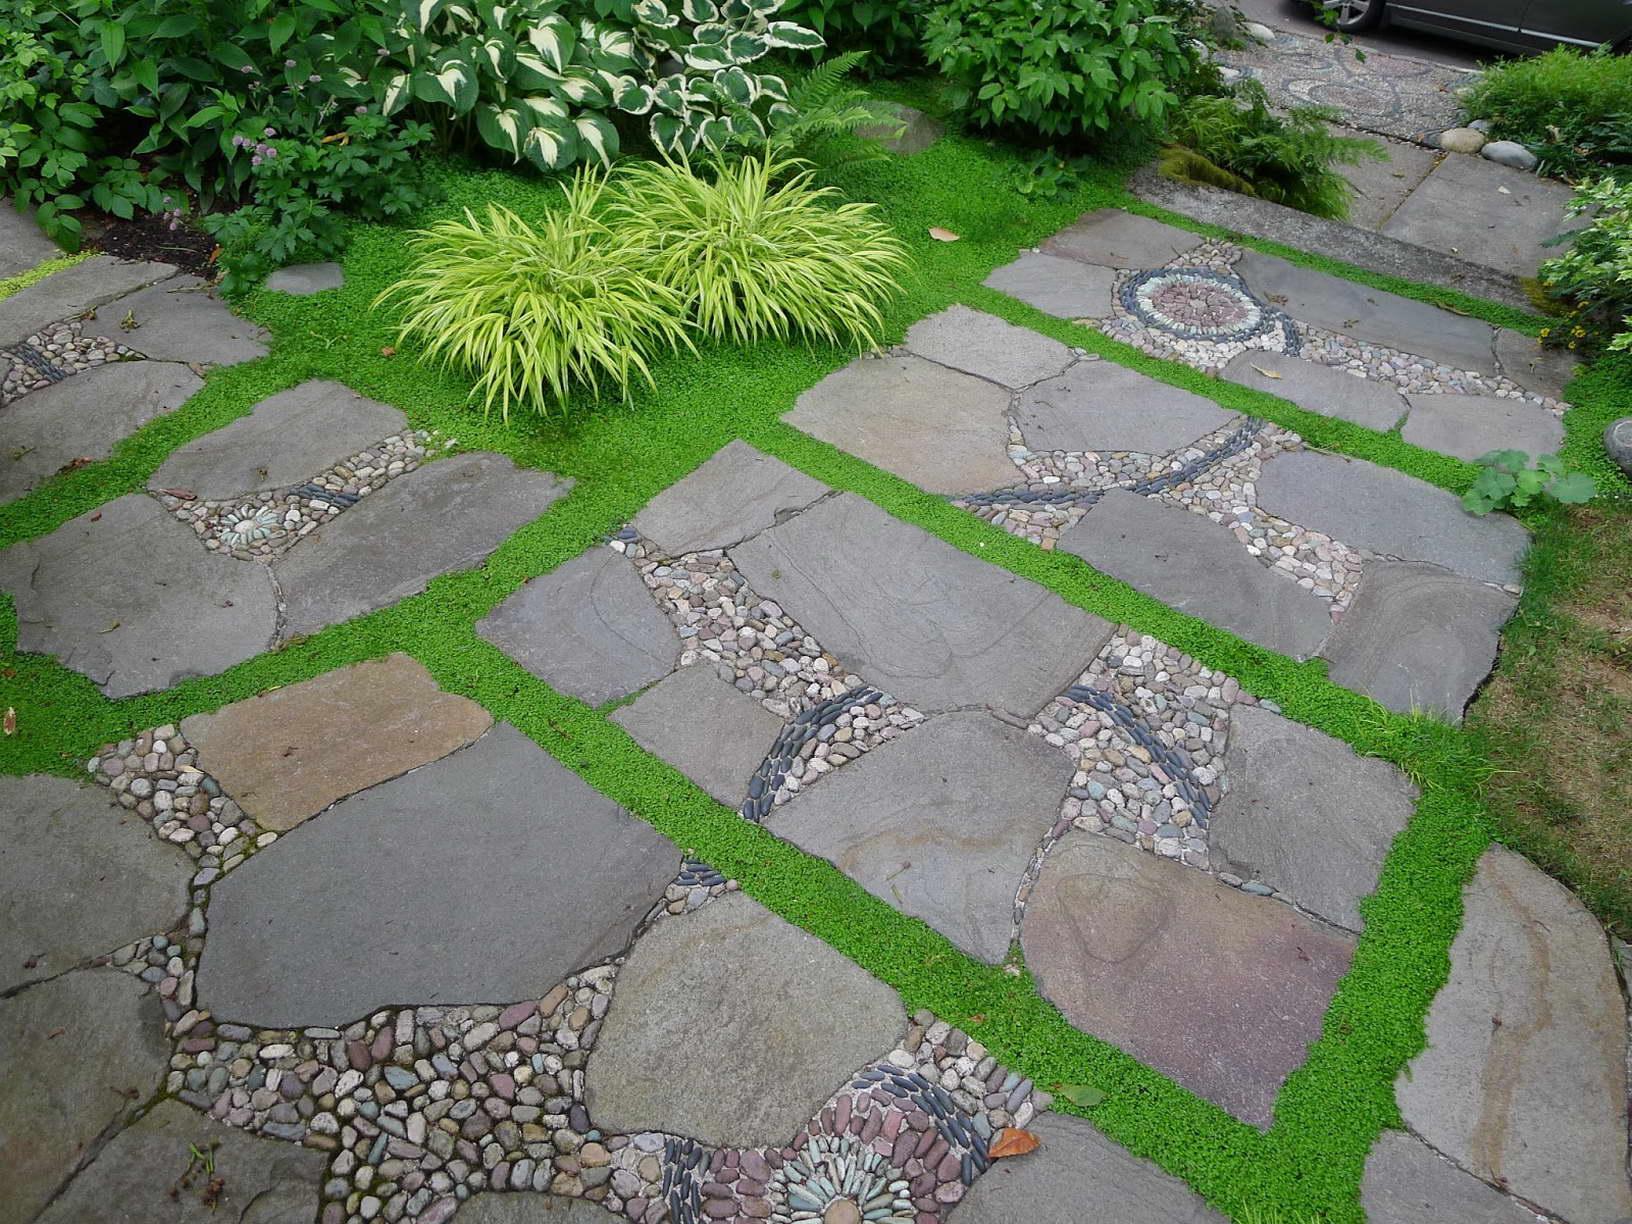 kertépítés ötlet - kerti járda kőből